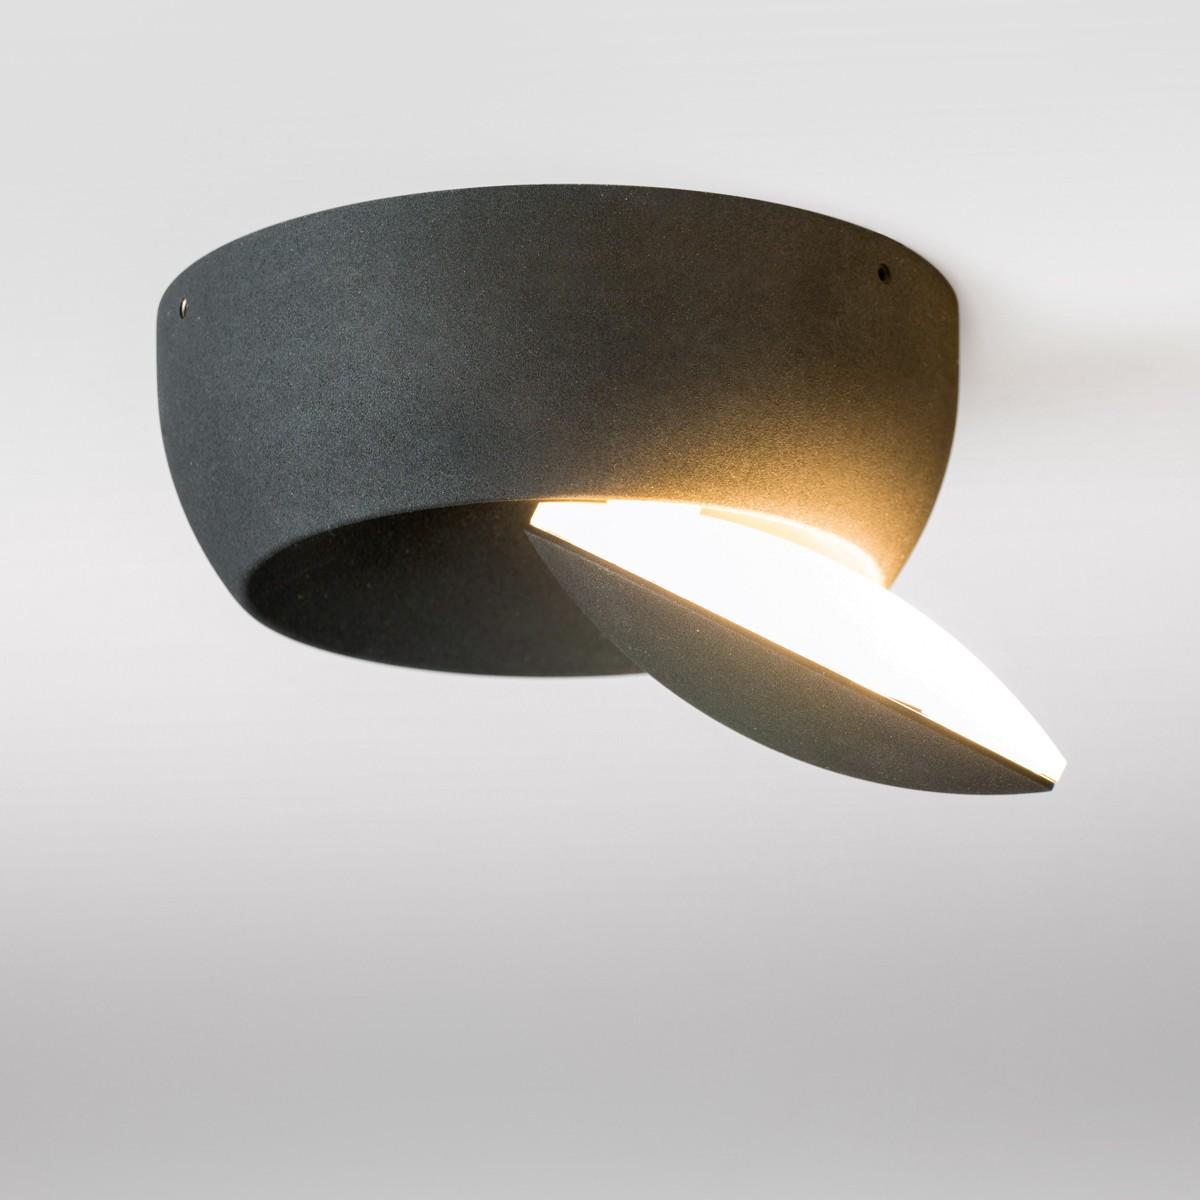 Lupia Licht Moon Wand- / Deckenleuchte, schwarz